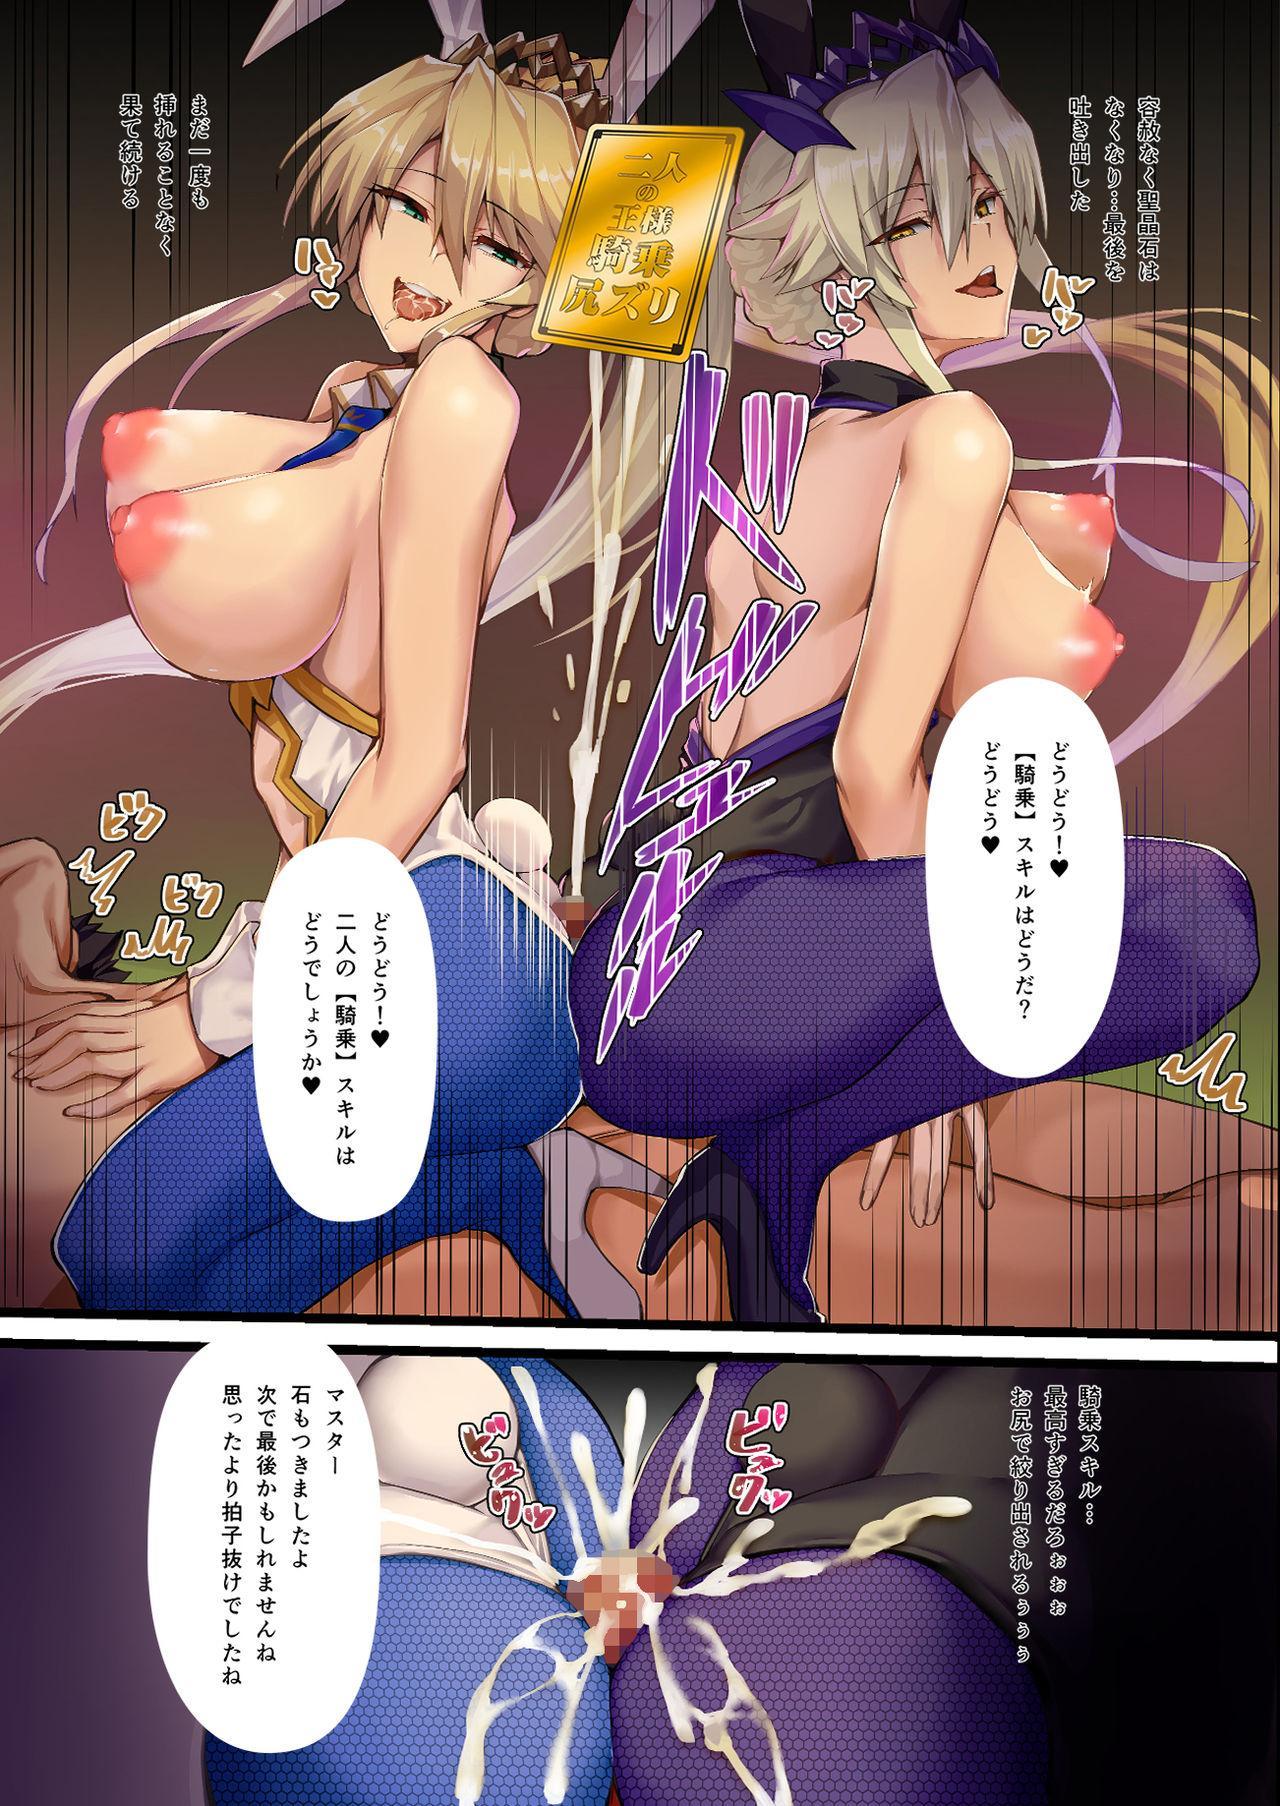 Kinpatsu Bunny to H na Game Shimasu 2&1 26